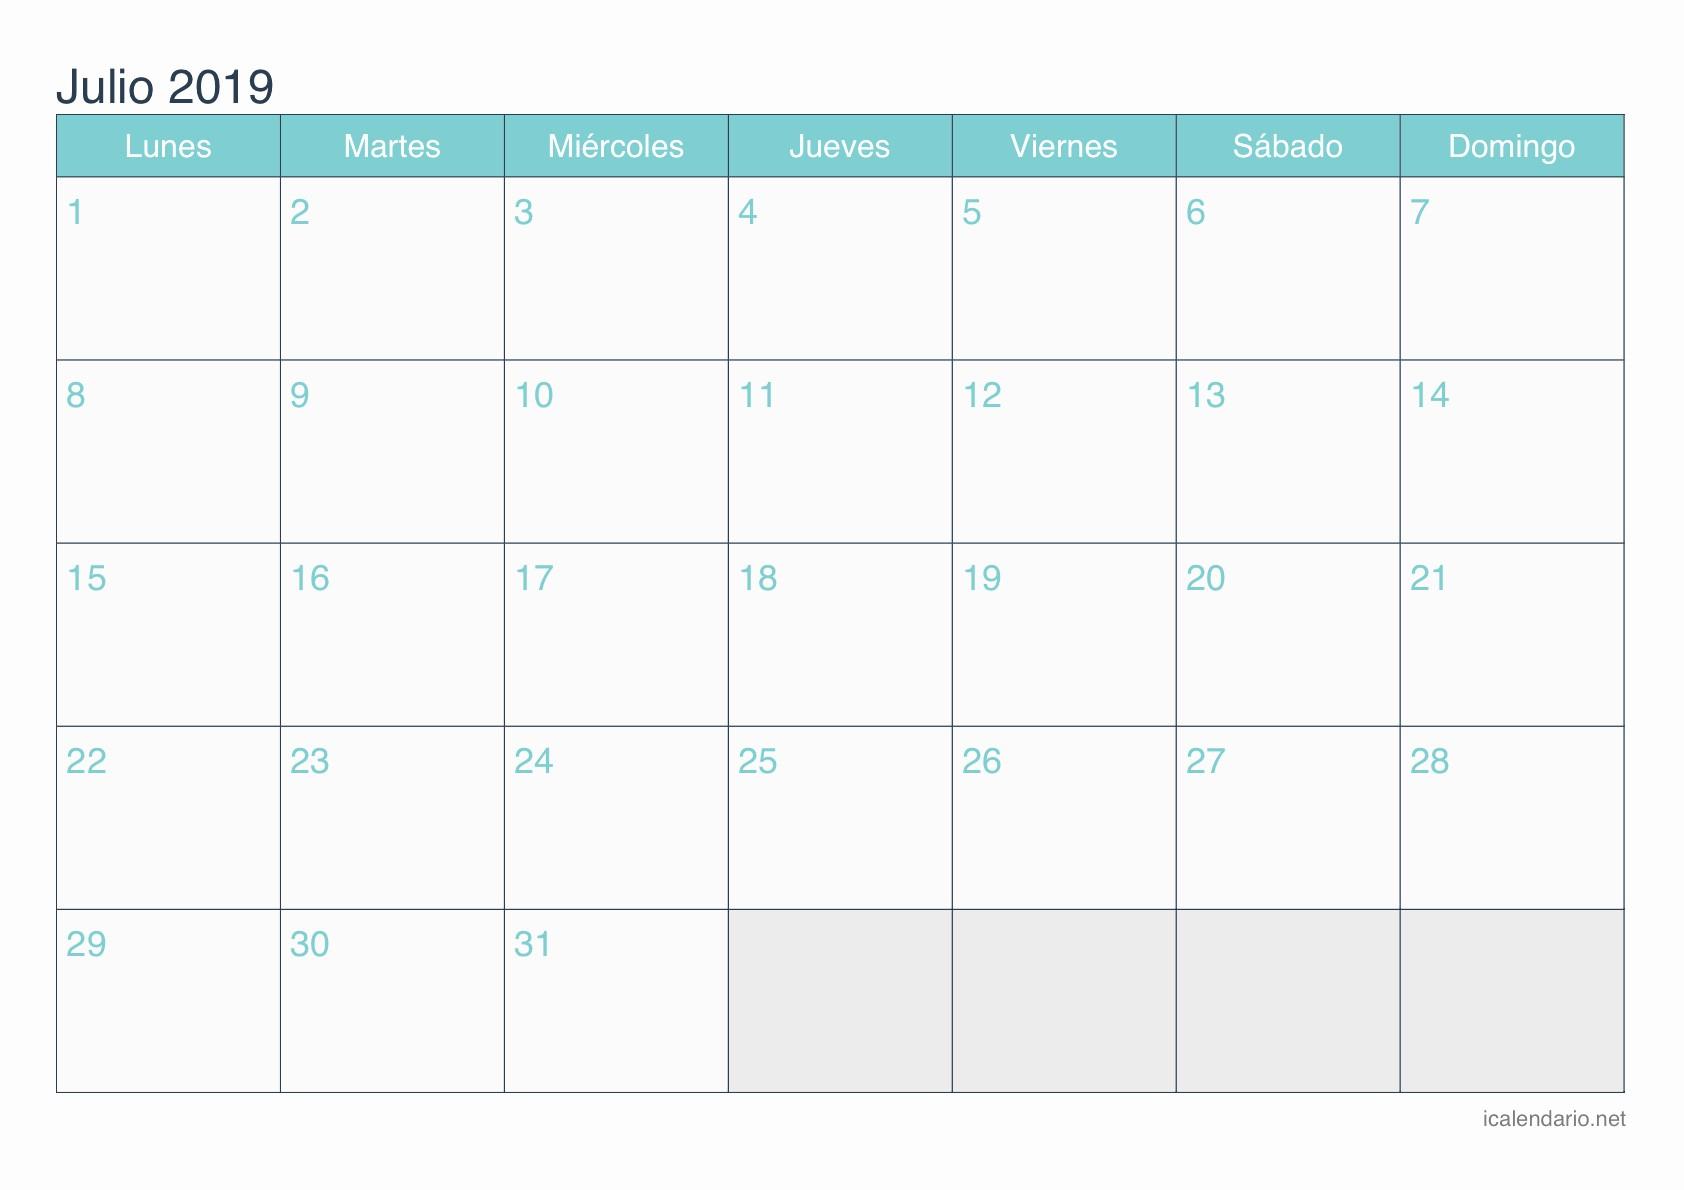 Calendario 2019 Laboral Sevilla Mejores Y Más Novedosos Rfeda Calendario 2019 Franz tost Manda Un Recado A Carlos Sainz Of Calendario 2019 Laboral Sevilla Más Recientemente Liberado Calaméo Diario De Noticias De lava